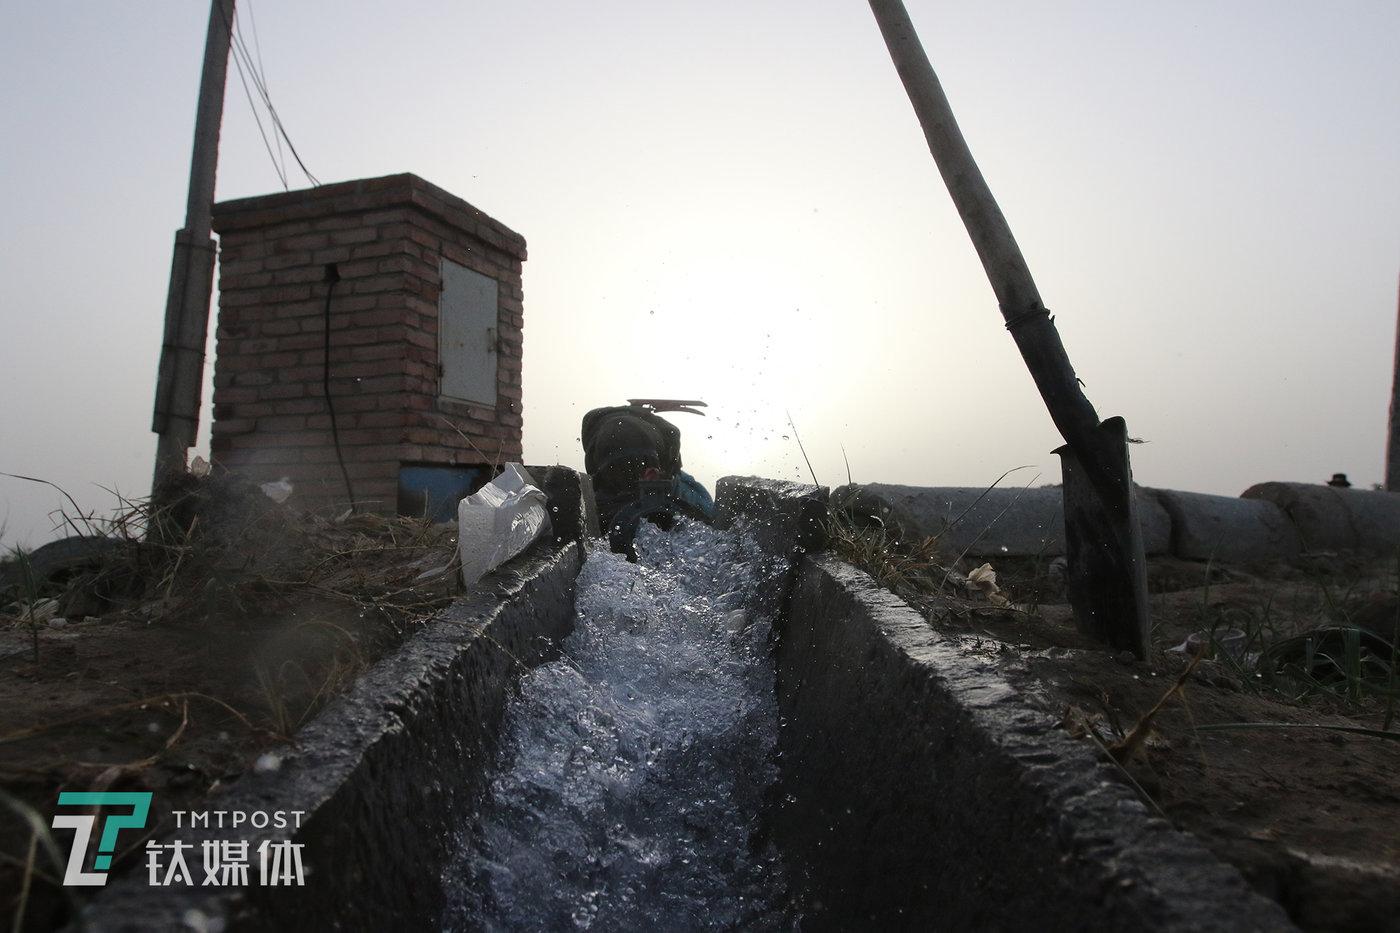 用于灌溉瓜田的井水。